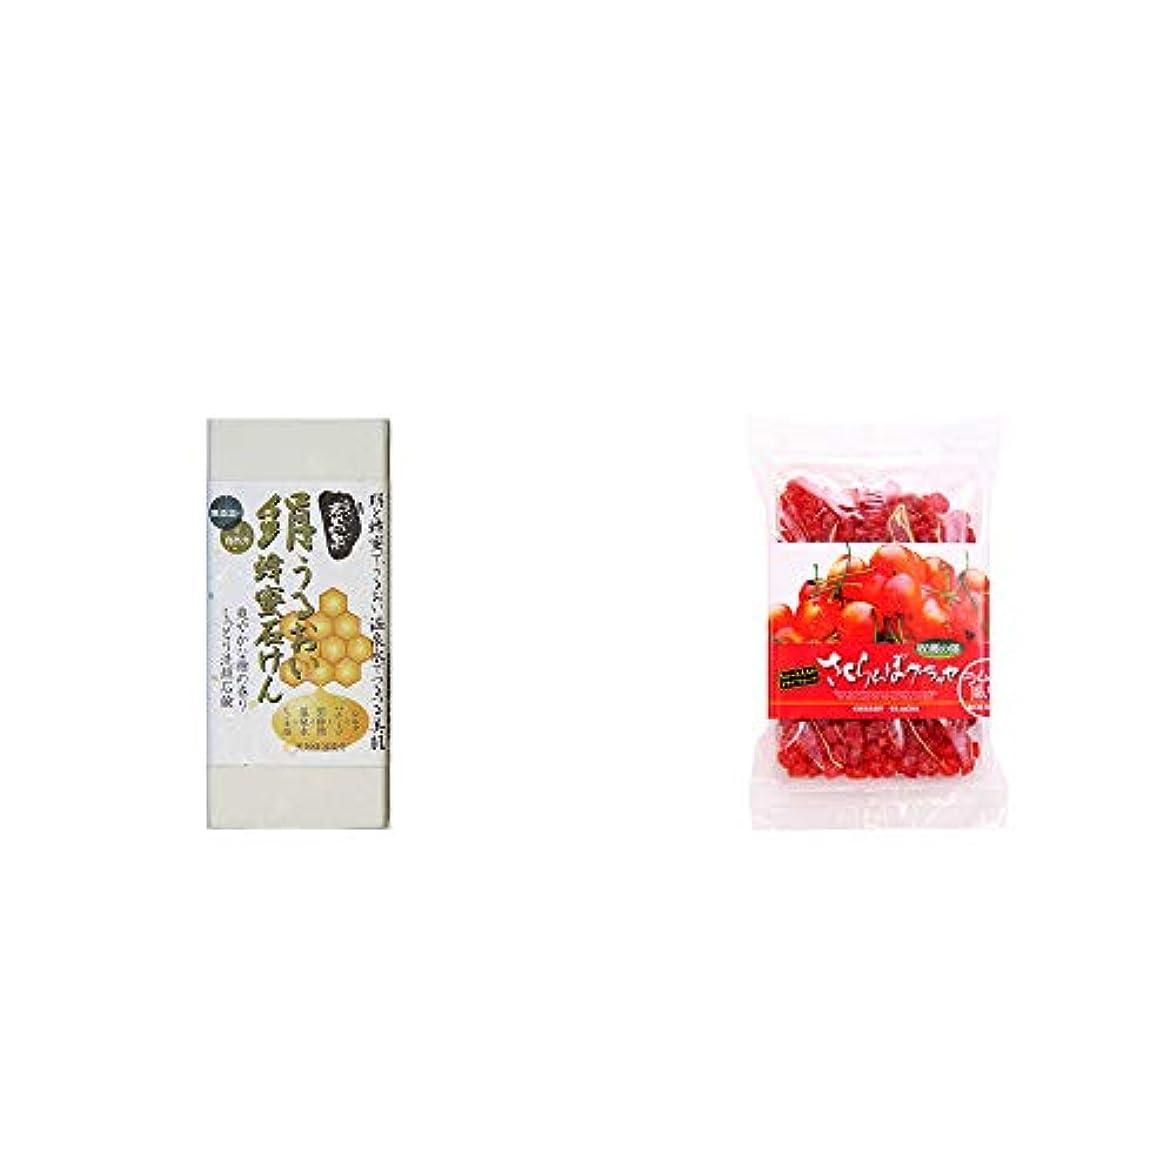 ビクター不平を言う永遠の[2点セット] ひのき炭黒泉 絹うるおい蜂蜜石けん(75g×2)?収穫の朝 さくらんぼグラッセ ラム酒風味(180g)